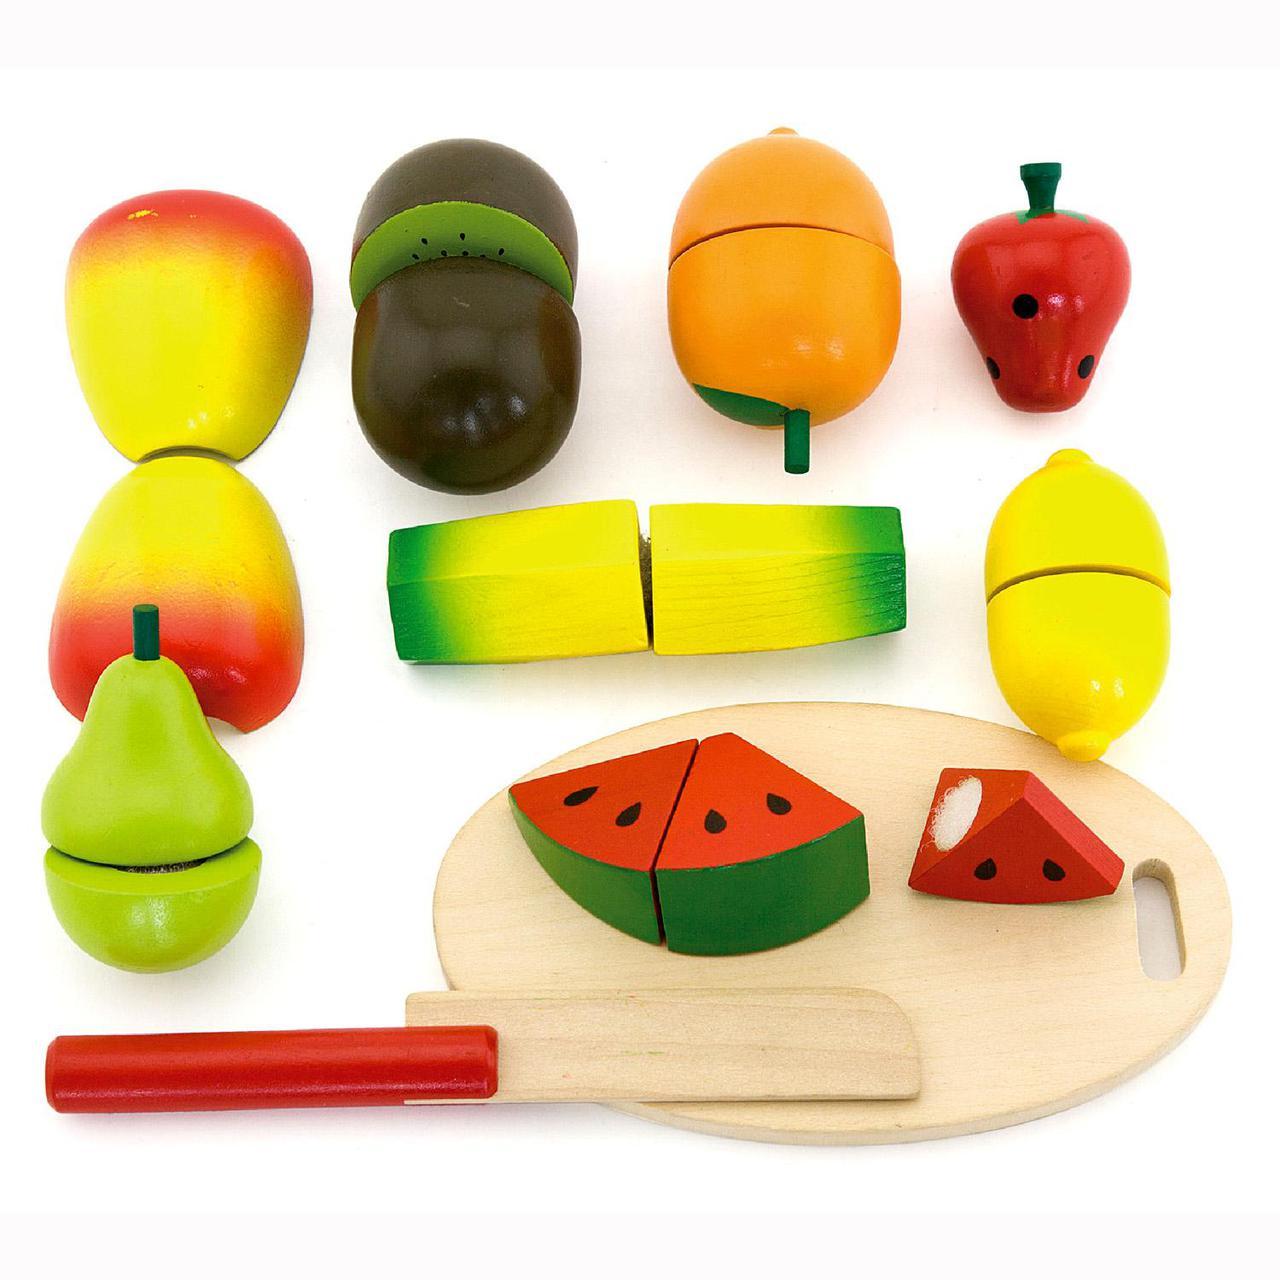 Игровой набор Фрукты Viga toys (56290)